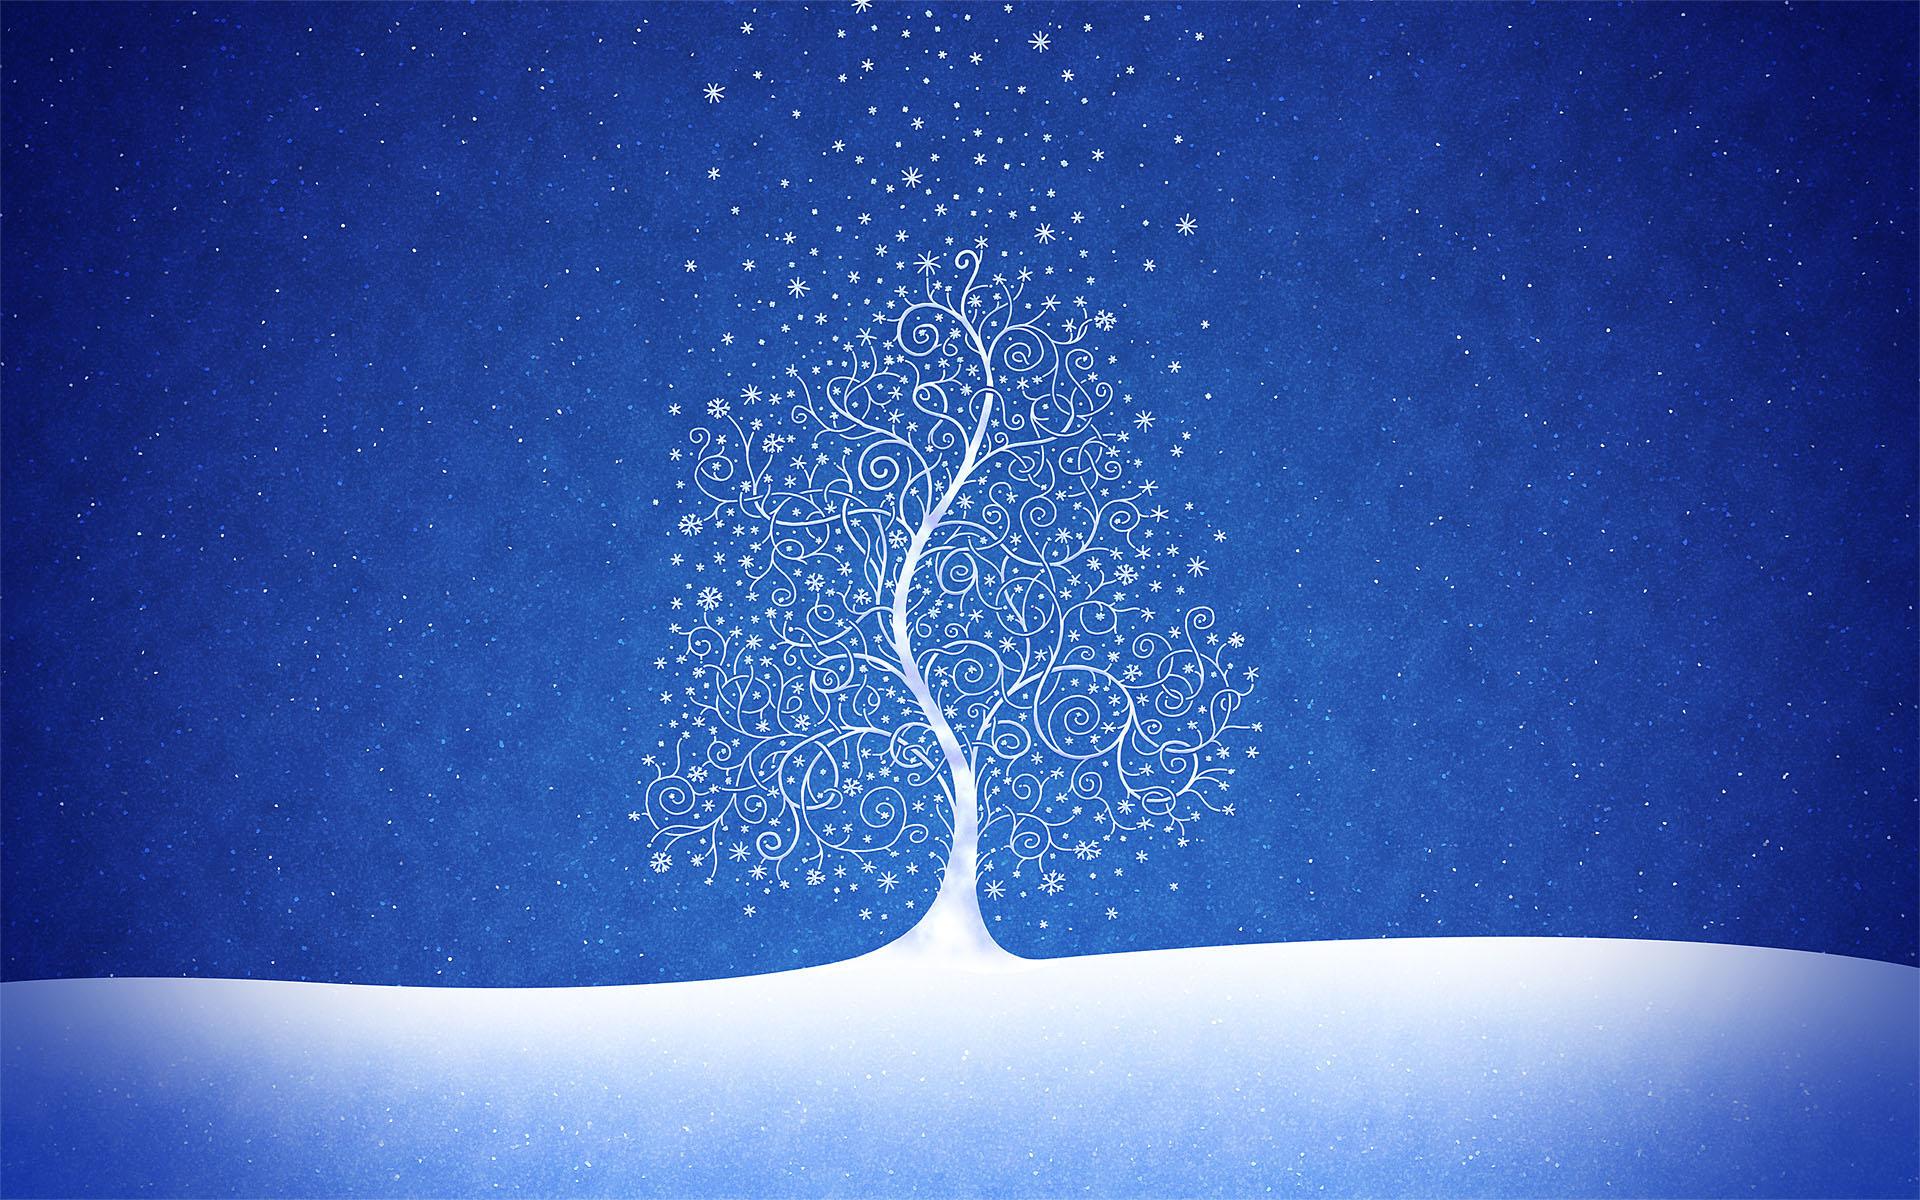 Snow Desktop Backgrounds Winter Snow Desktop Wallpapers Desktop 1920x1200